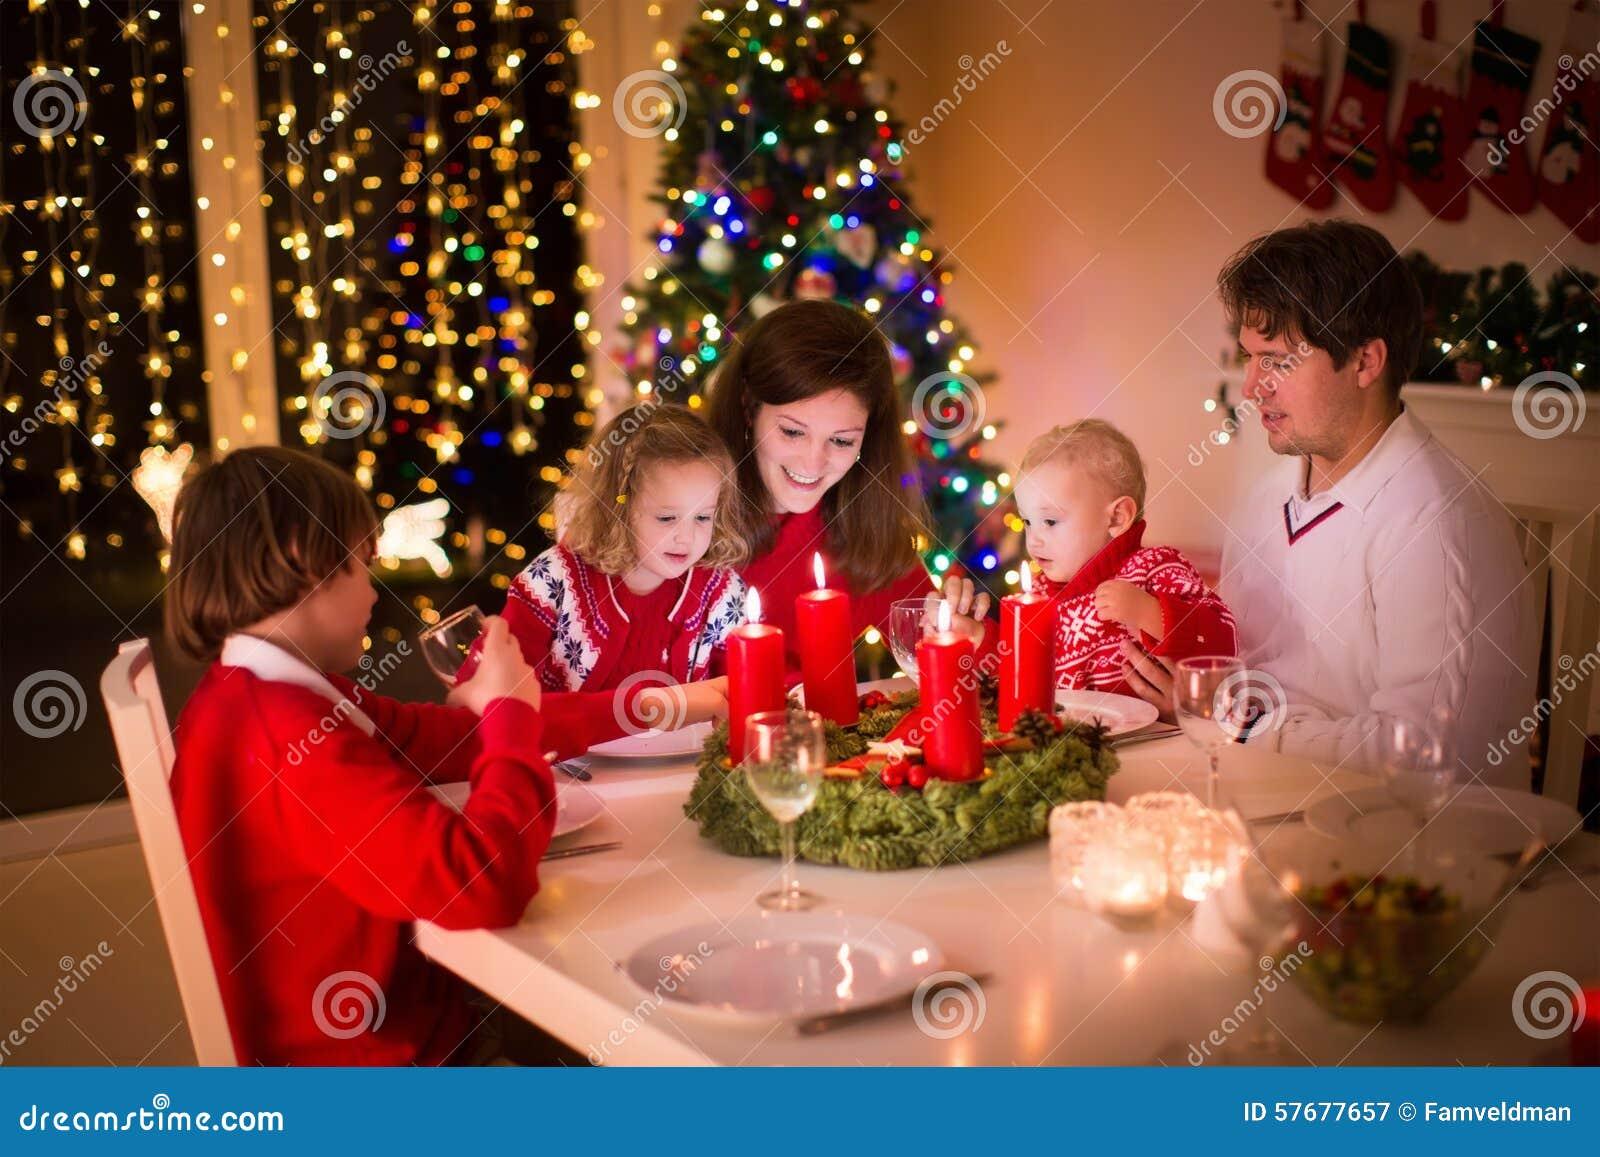 familie mit kindern am weihnachtsessen stockbild bild von gro speisen 57677657. Black Bedroom Furniture Sets. Home Design Ideas